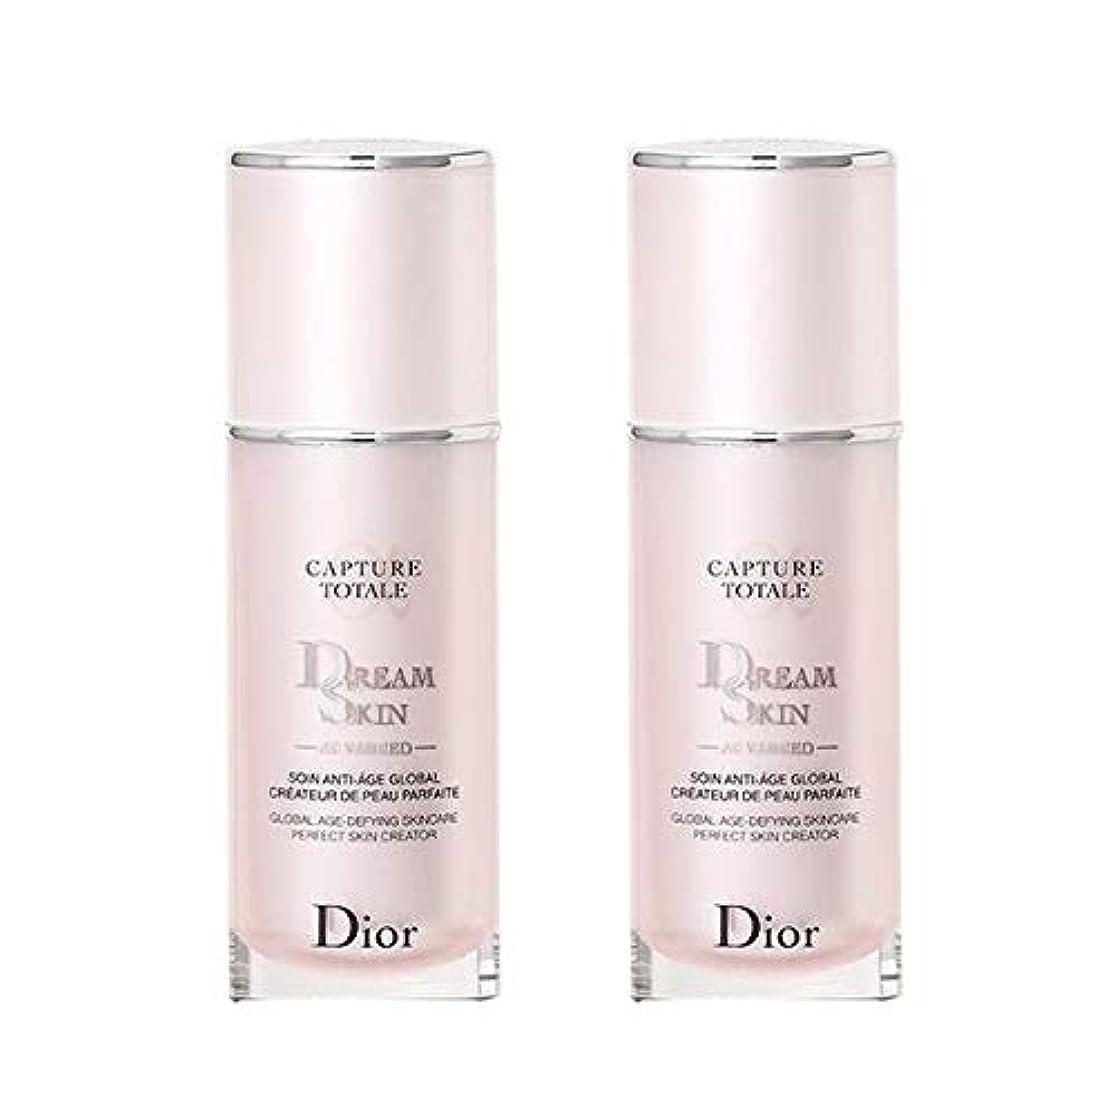 増強するその他隠す【セット】クリスチャンディオール Christian Dior カプチュール トータル ドリームスキン アドバンスト 50mL 2個セット [並行輸入品]